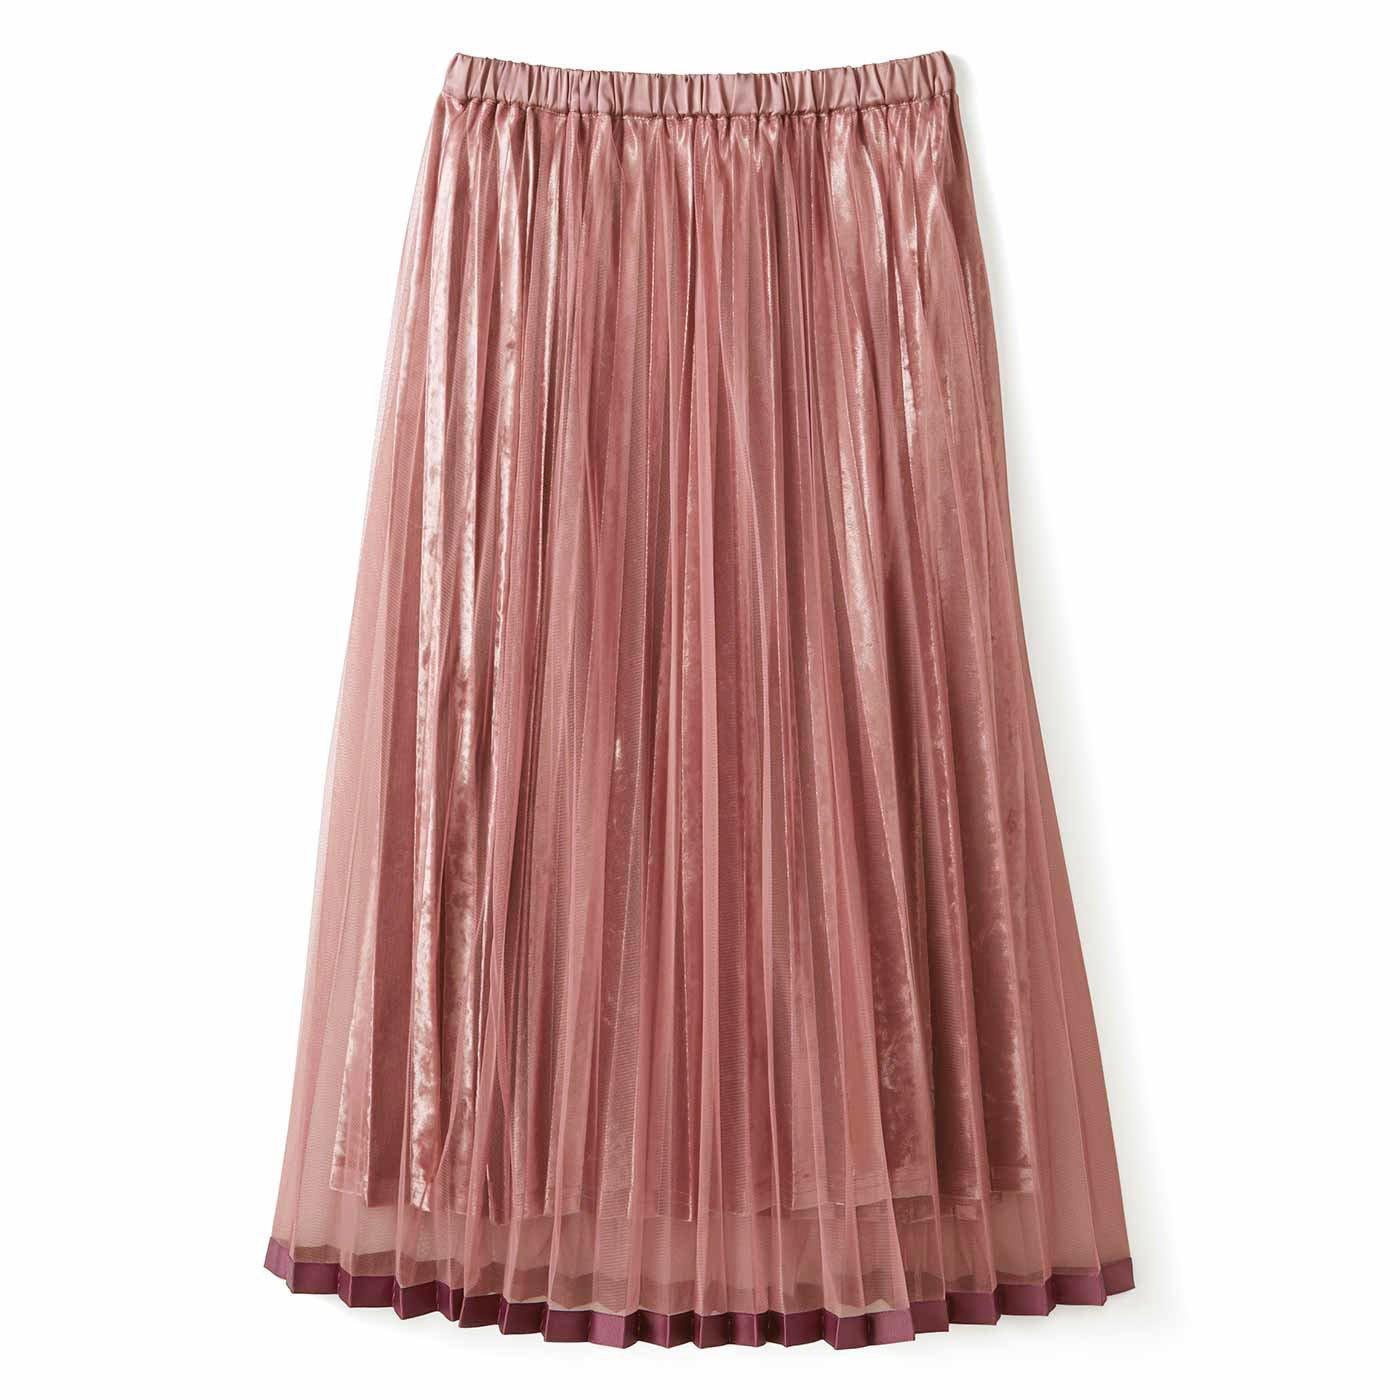 チュールでラッピング♪ベロアスカート〈ダルピンク〉